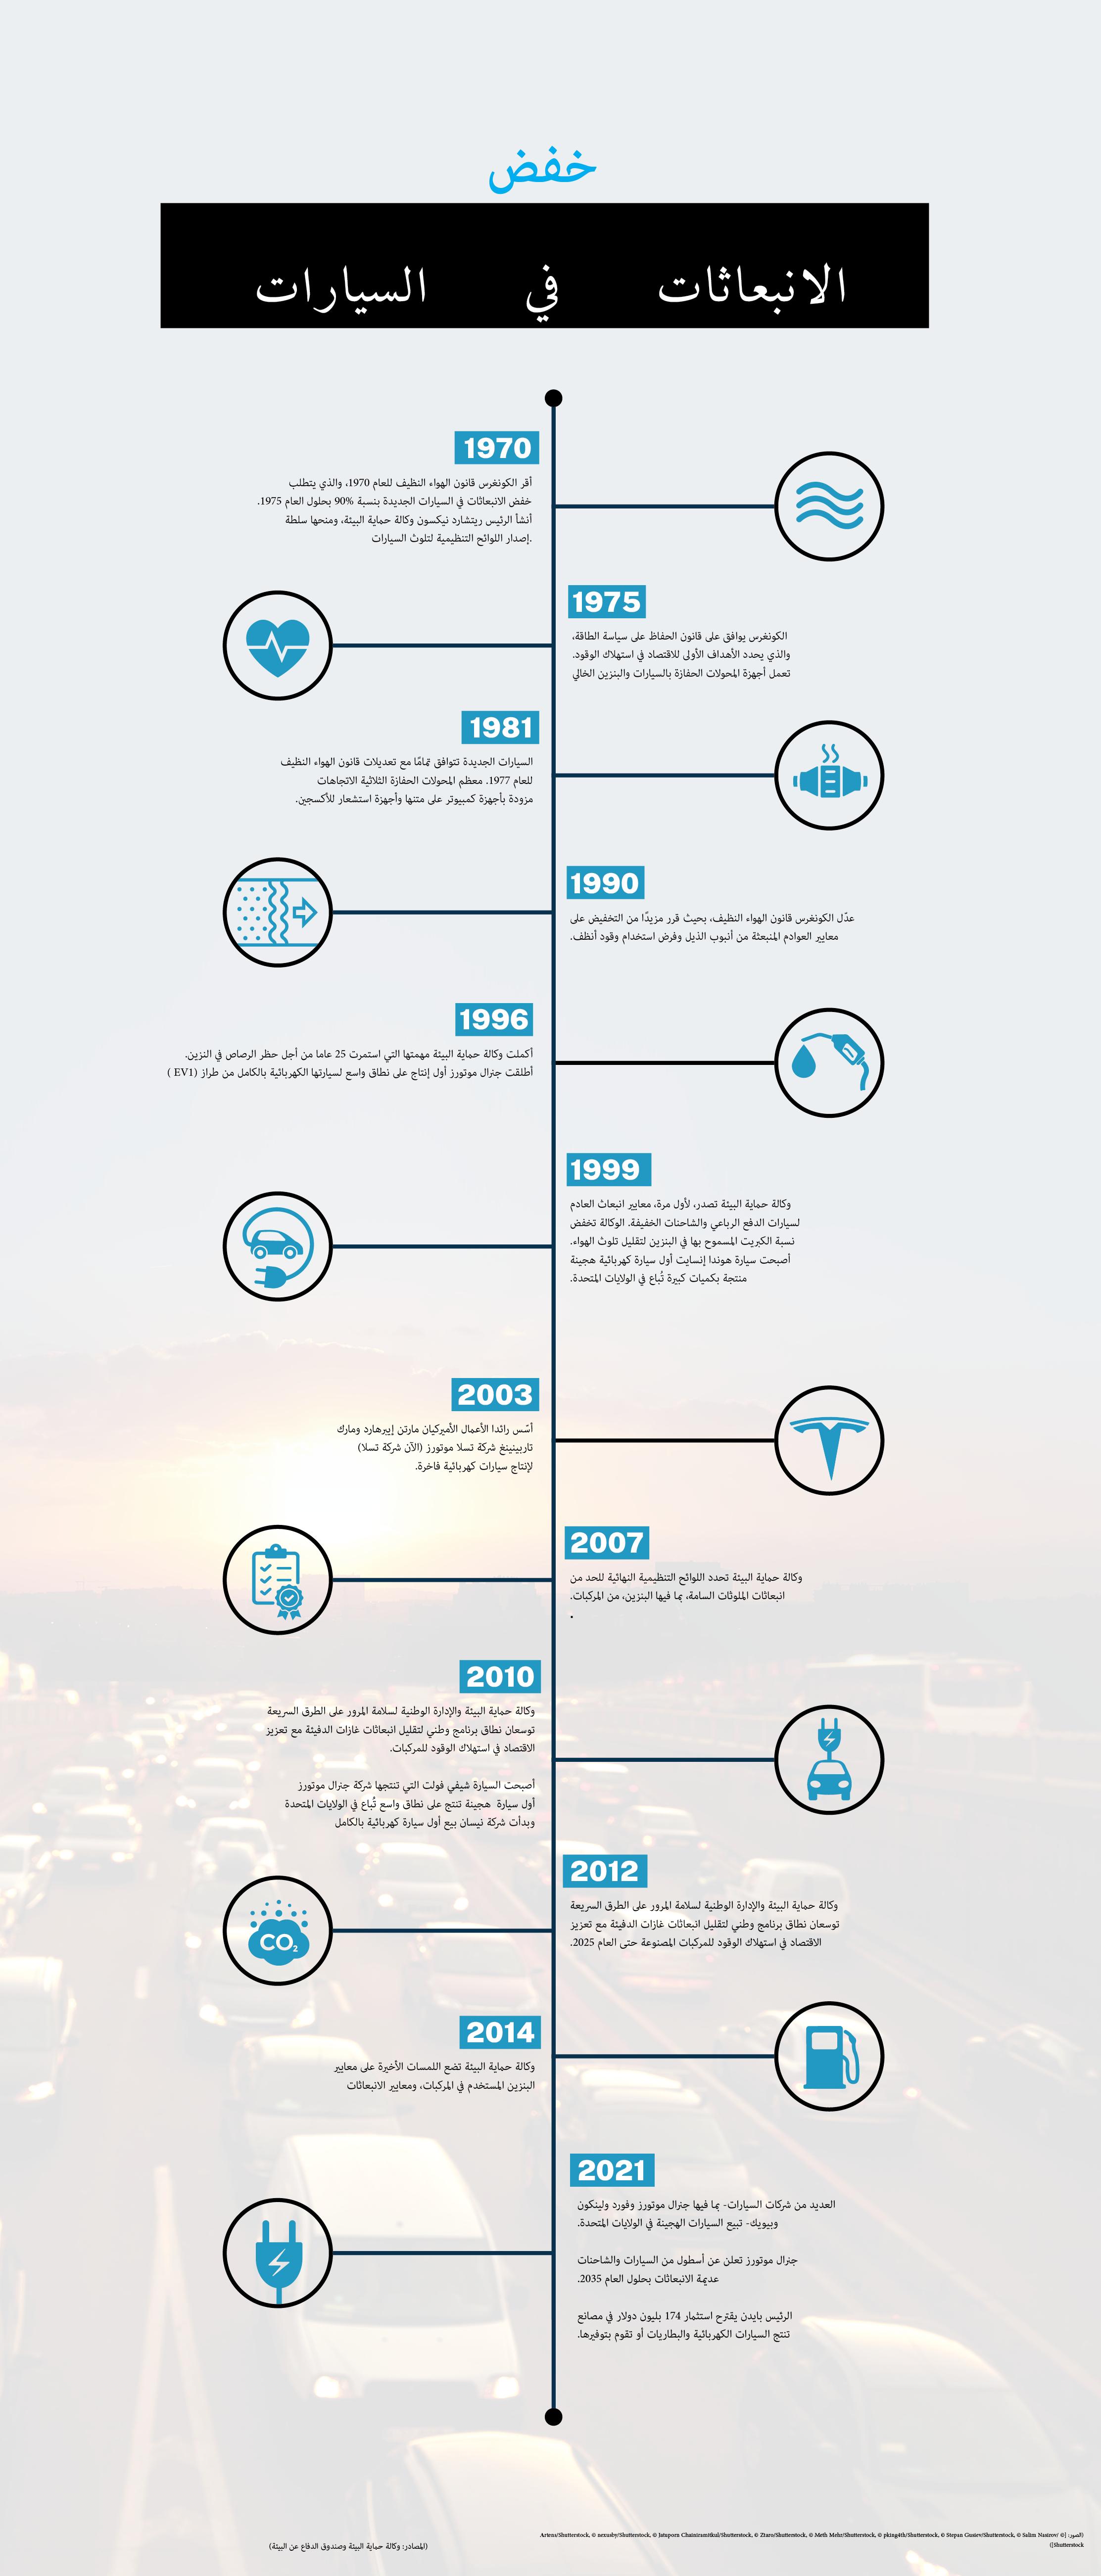 جدول زمني للخطوات المتخذة لخفض انبعاثات المركبات يعود تاريخه من العام 1970 إلى العام 2021. المصادر: وكالة حماية البيئة وصندوق الدفاع عن البيئة. (State Dept./Helen Efrem. Photo and images © Shutterstock)